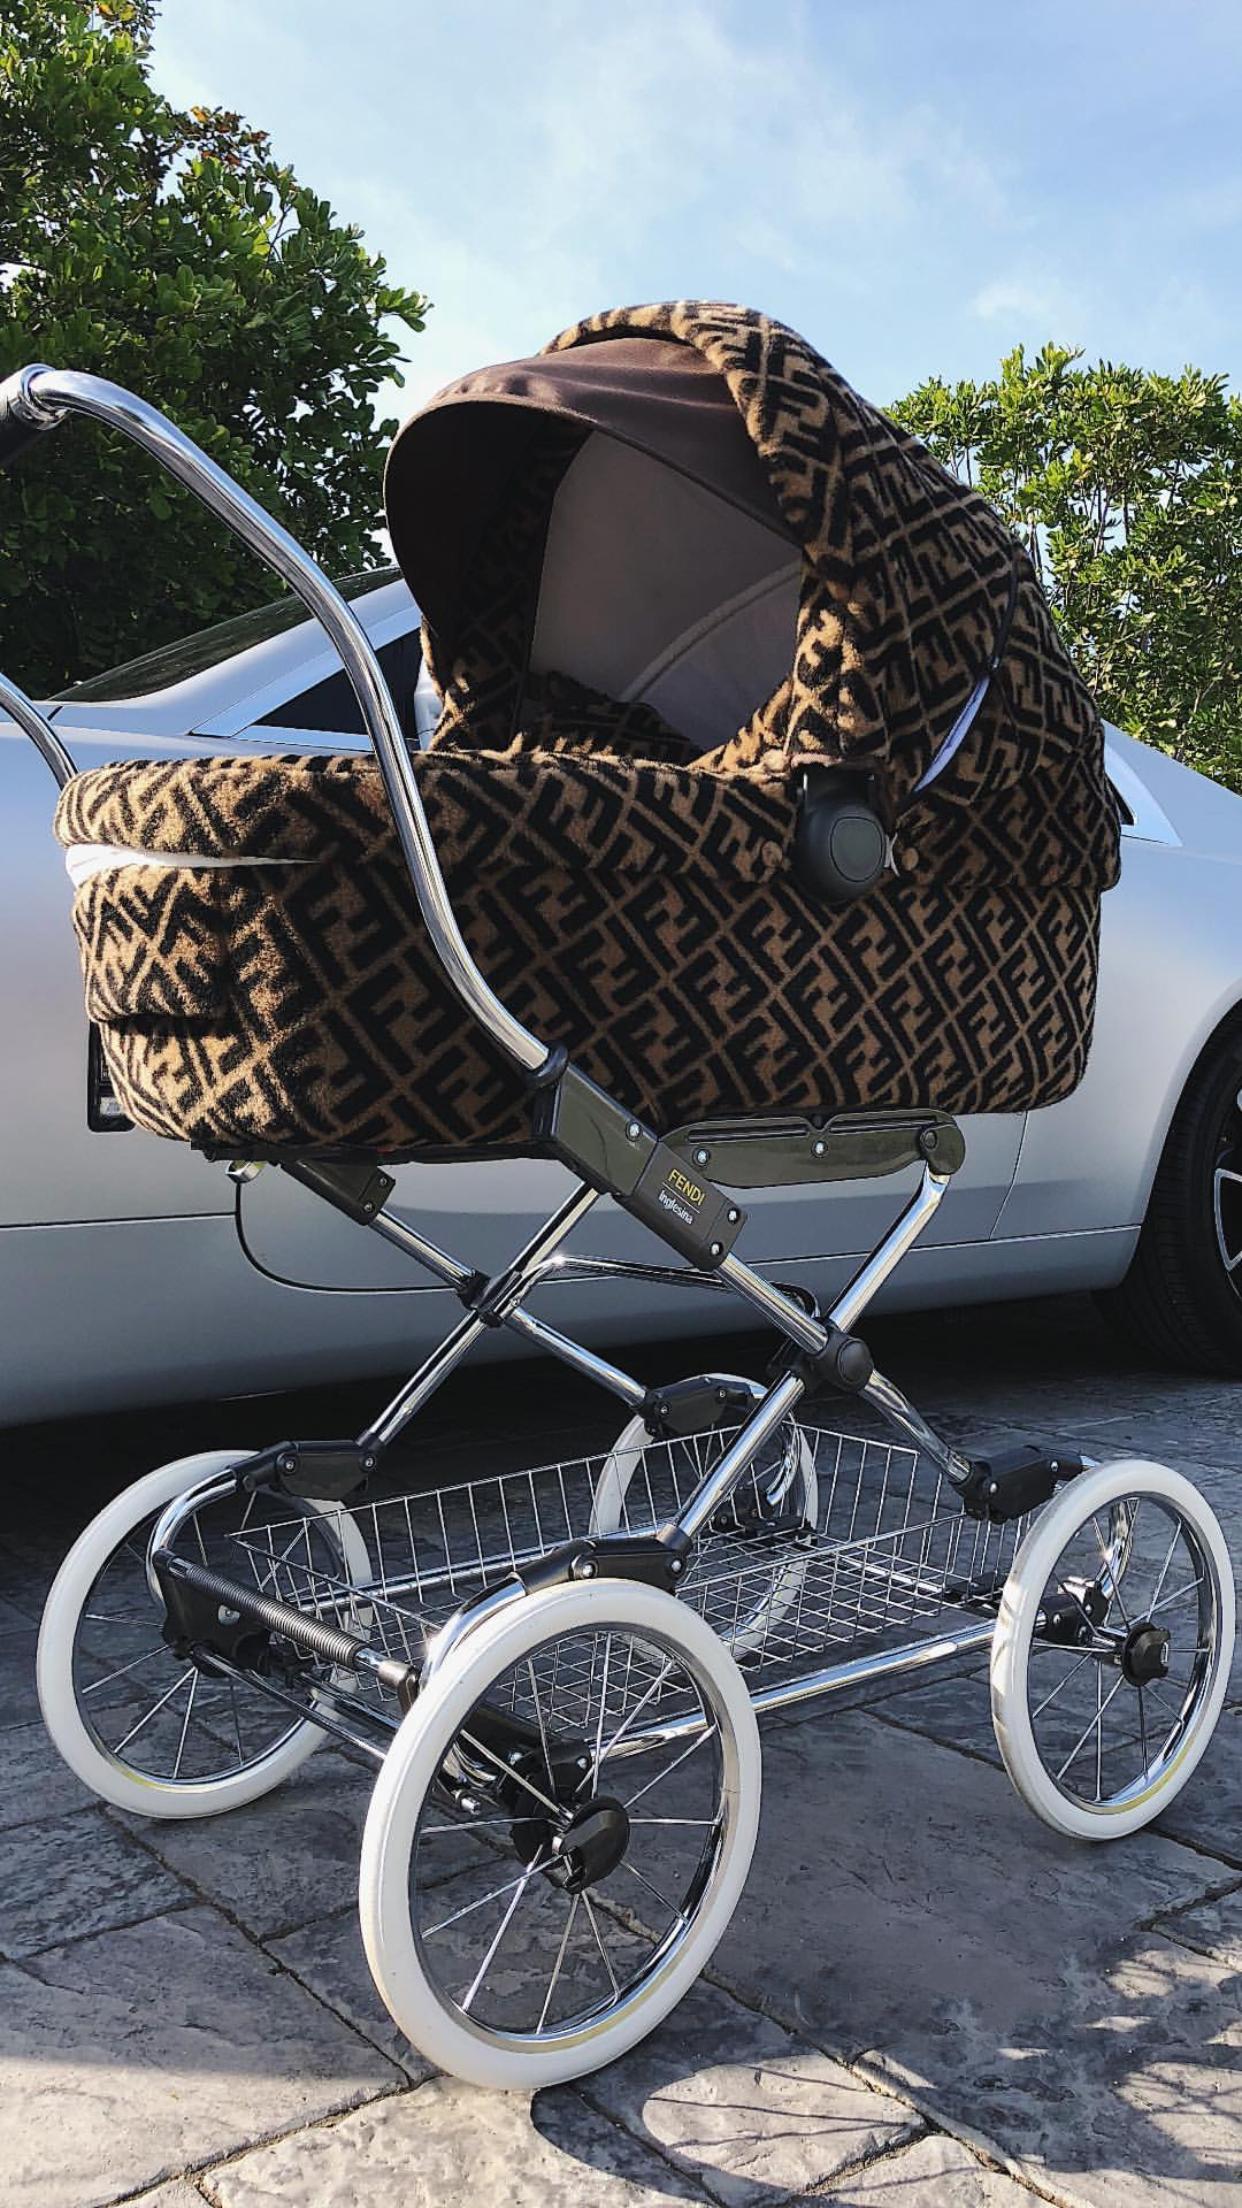 Épinglé par Leslie Rosner sur Home + Car Decor Style